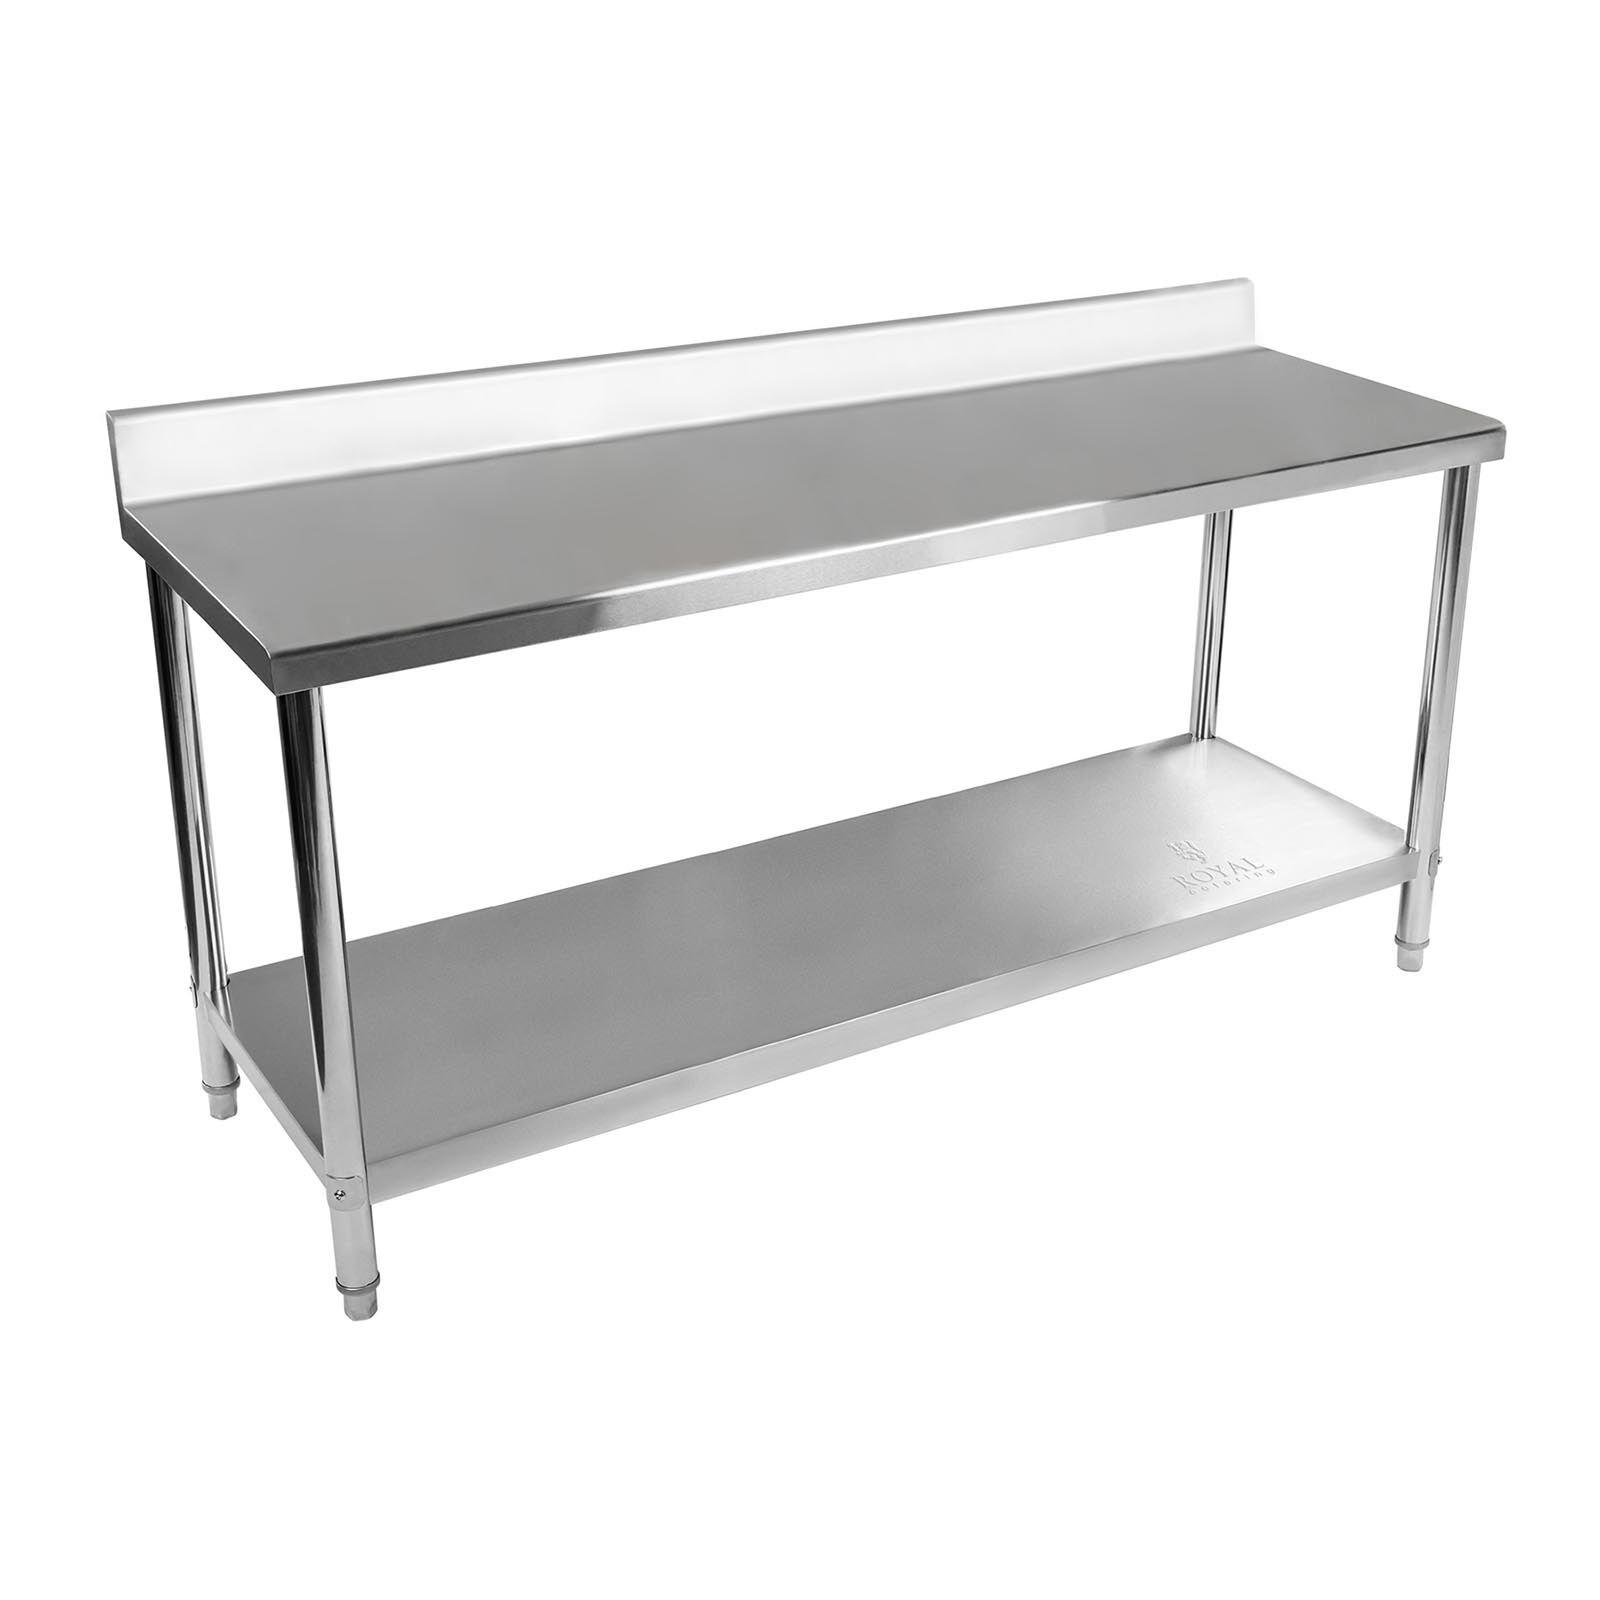 Royal Catering Table de travail en inox avec dosseret - 180 x 60 cm - Capacité de 170 kg